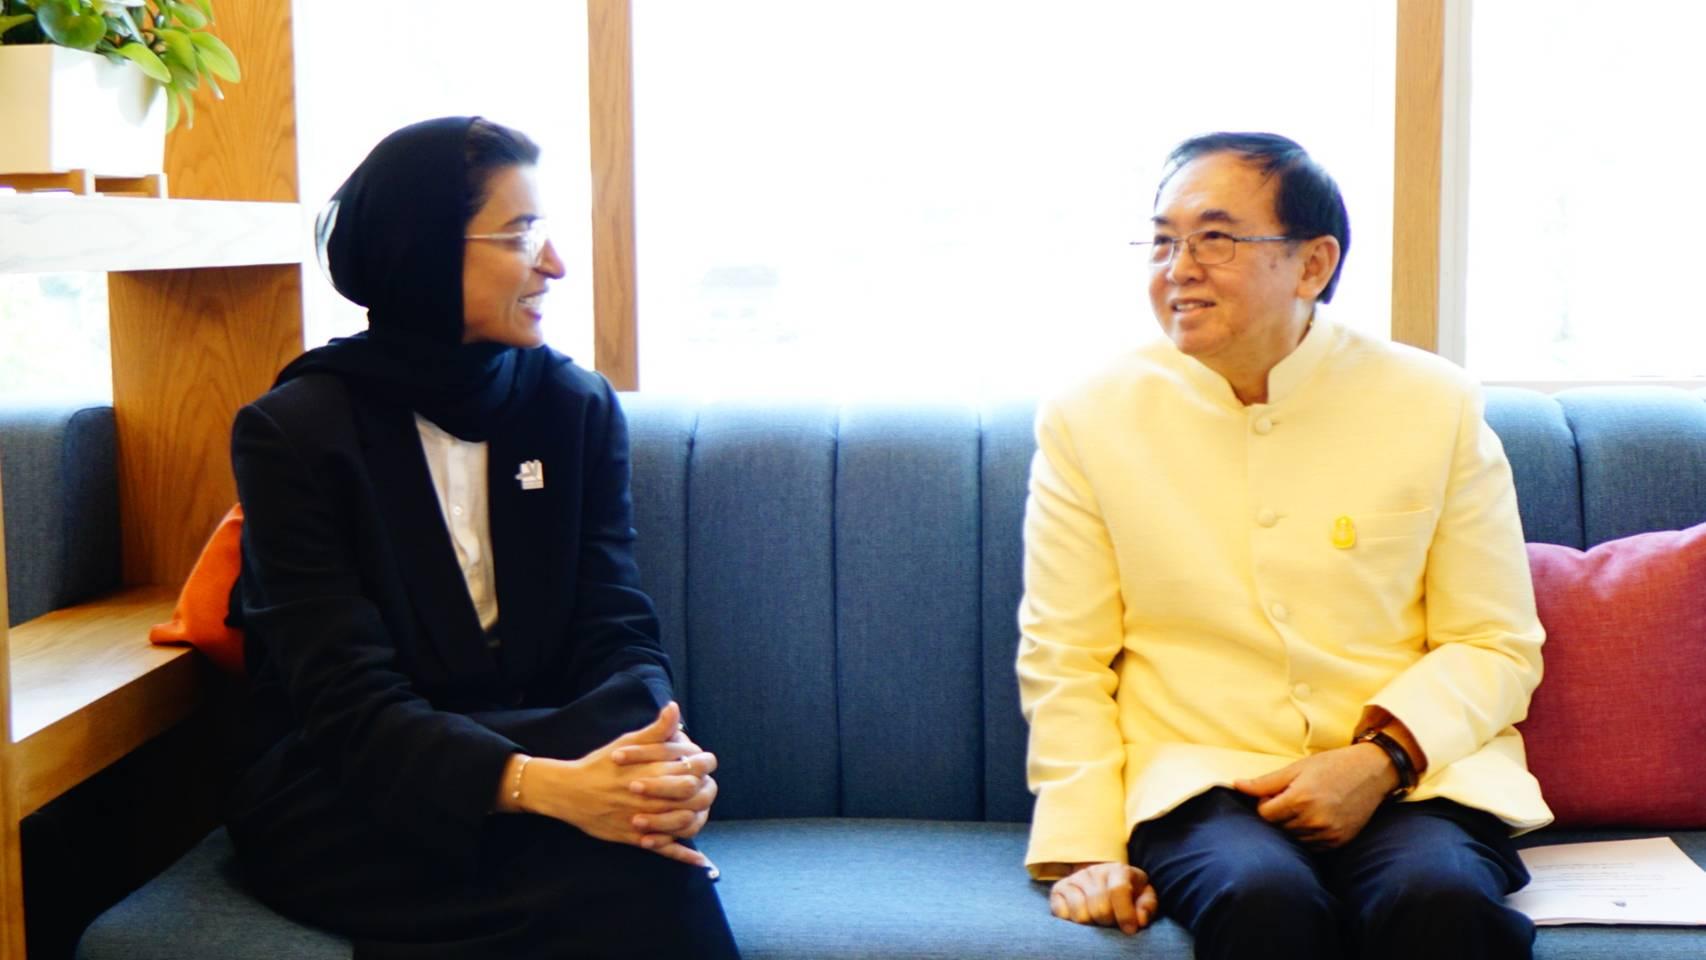 ไทย-ยูเออี จ่อลงนามความร่วมมือด้านวัฒนธรรมหลังปรับร่างข้อตกลงใหม่